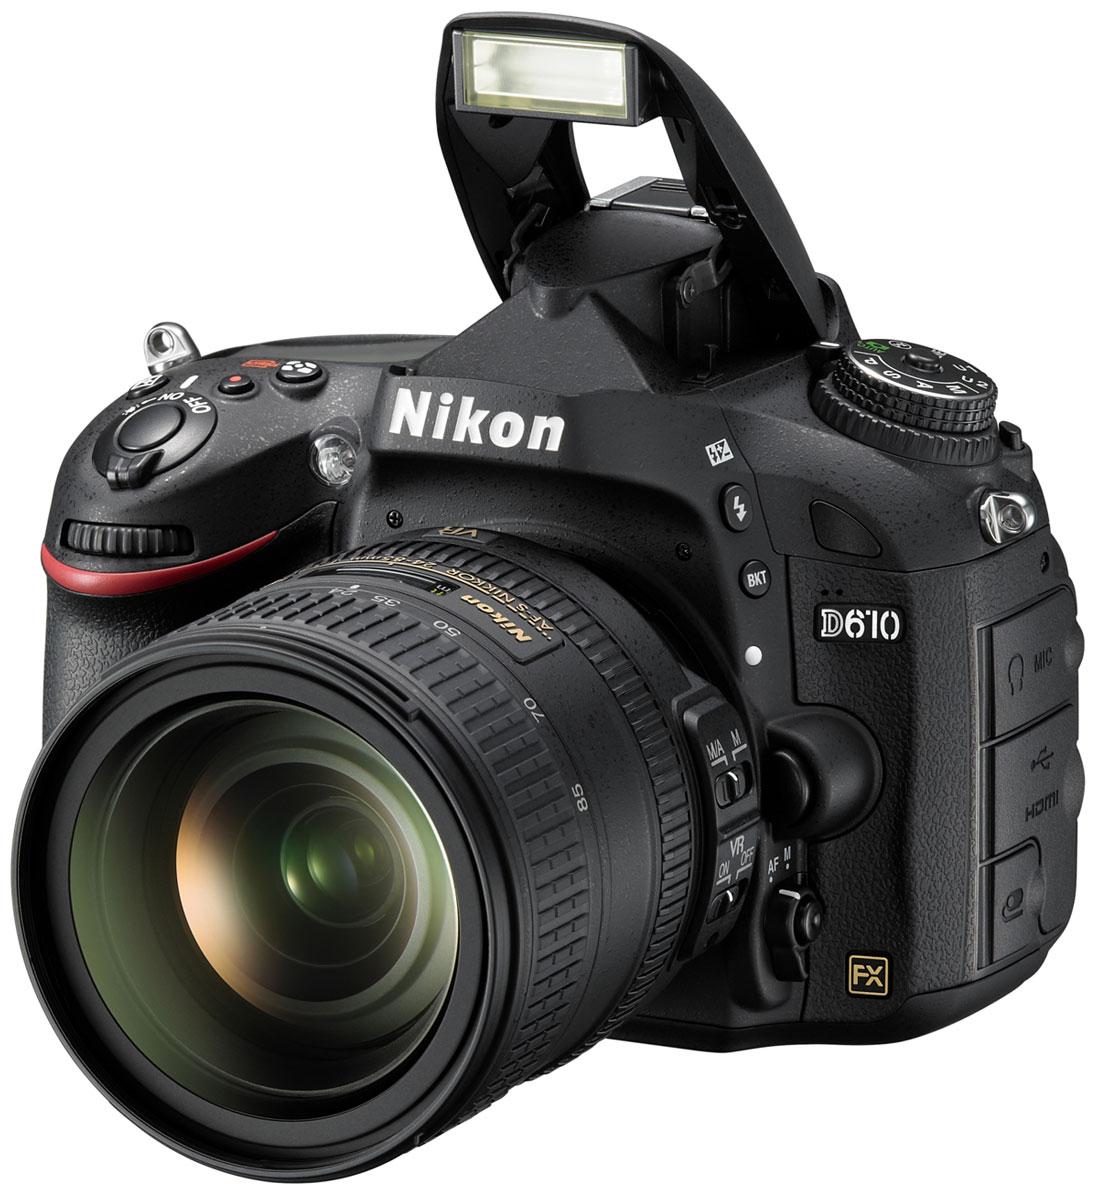 Nikon D610 Kit 24-85 цифровая зеркальная фотокамера - Зеркальные фотоаппараты